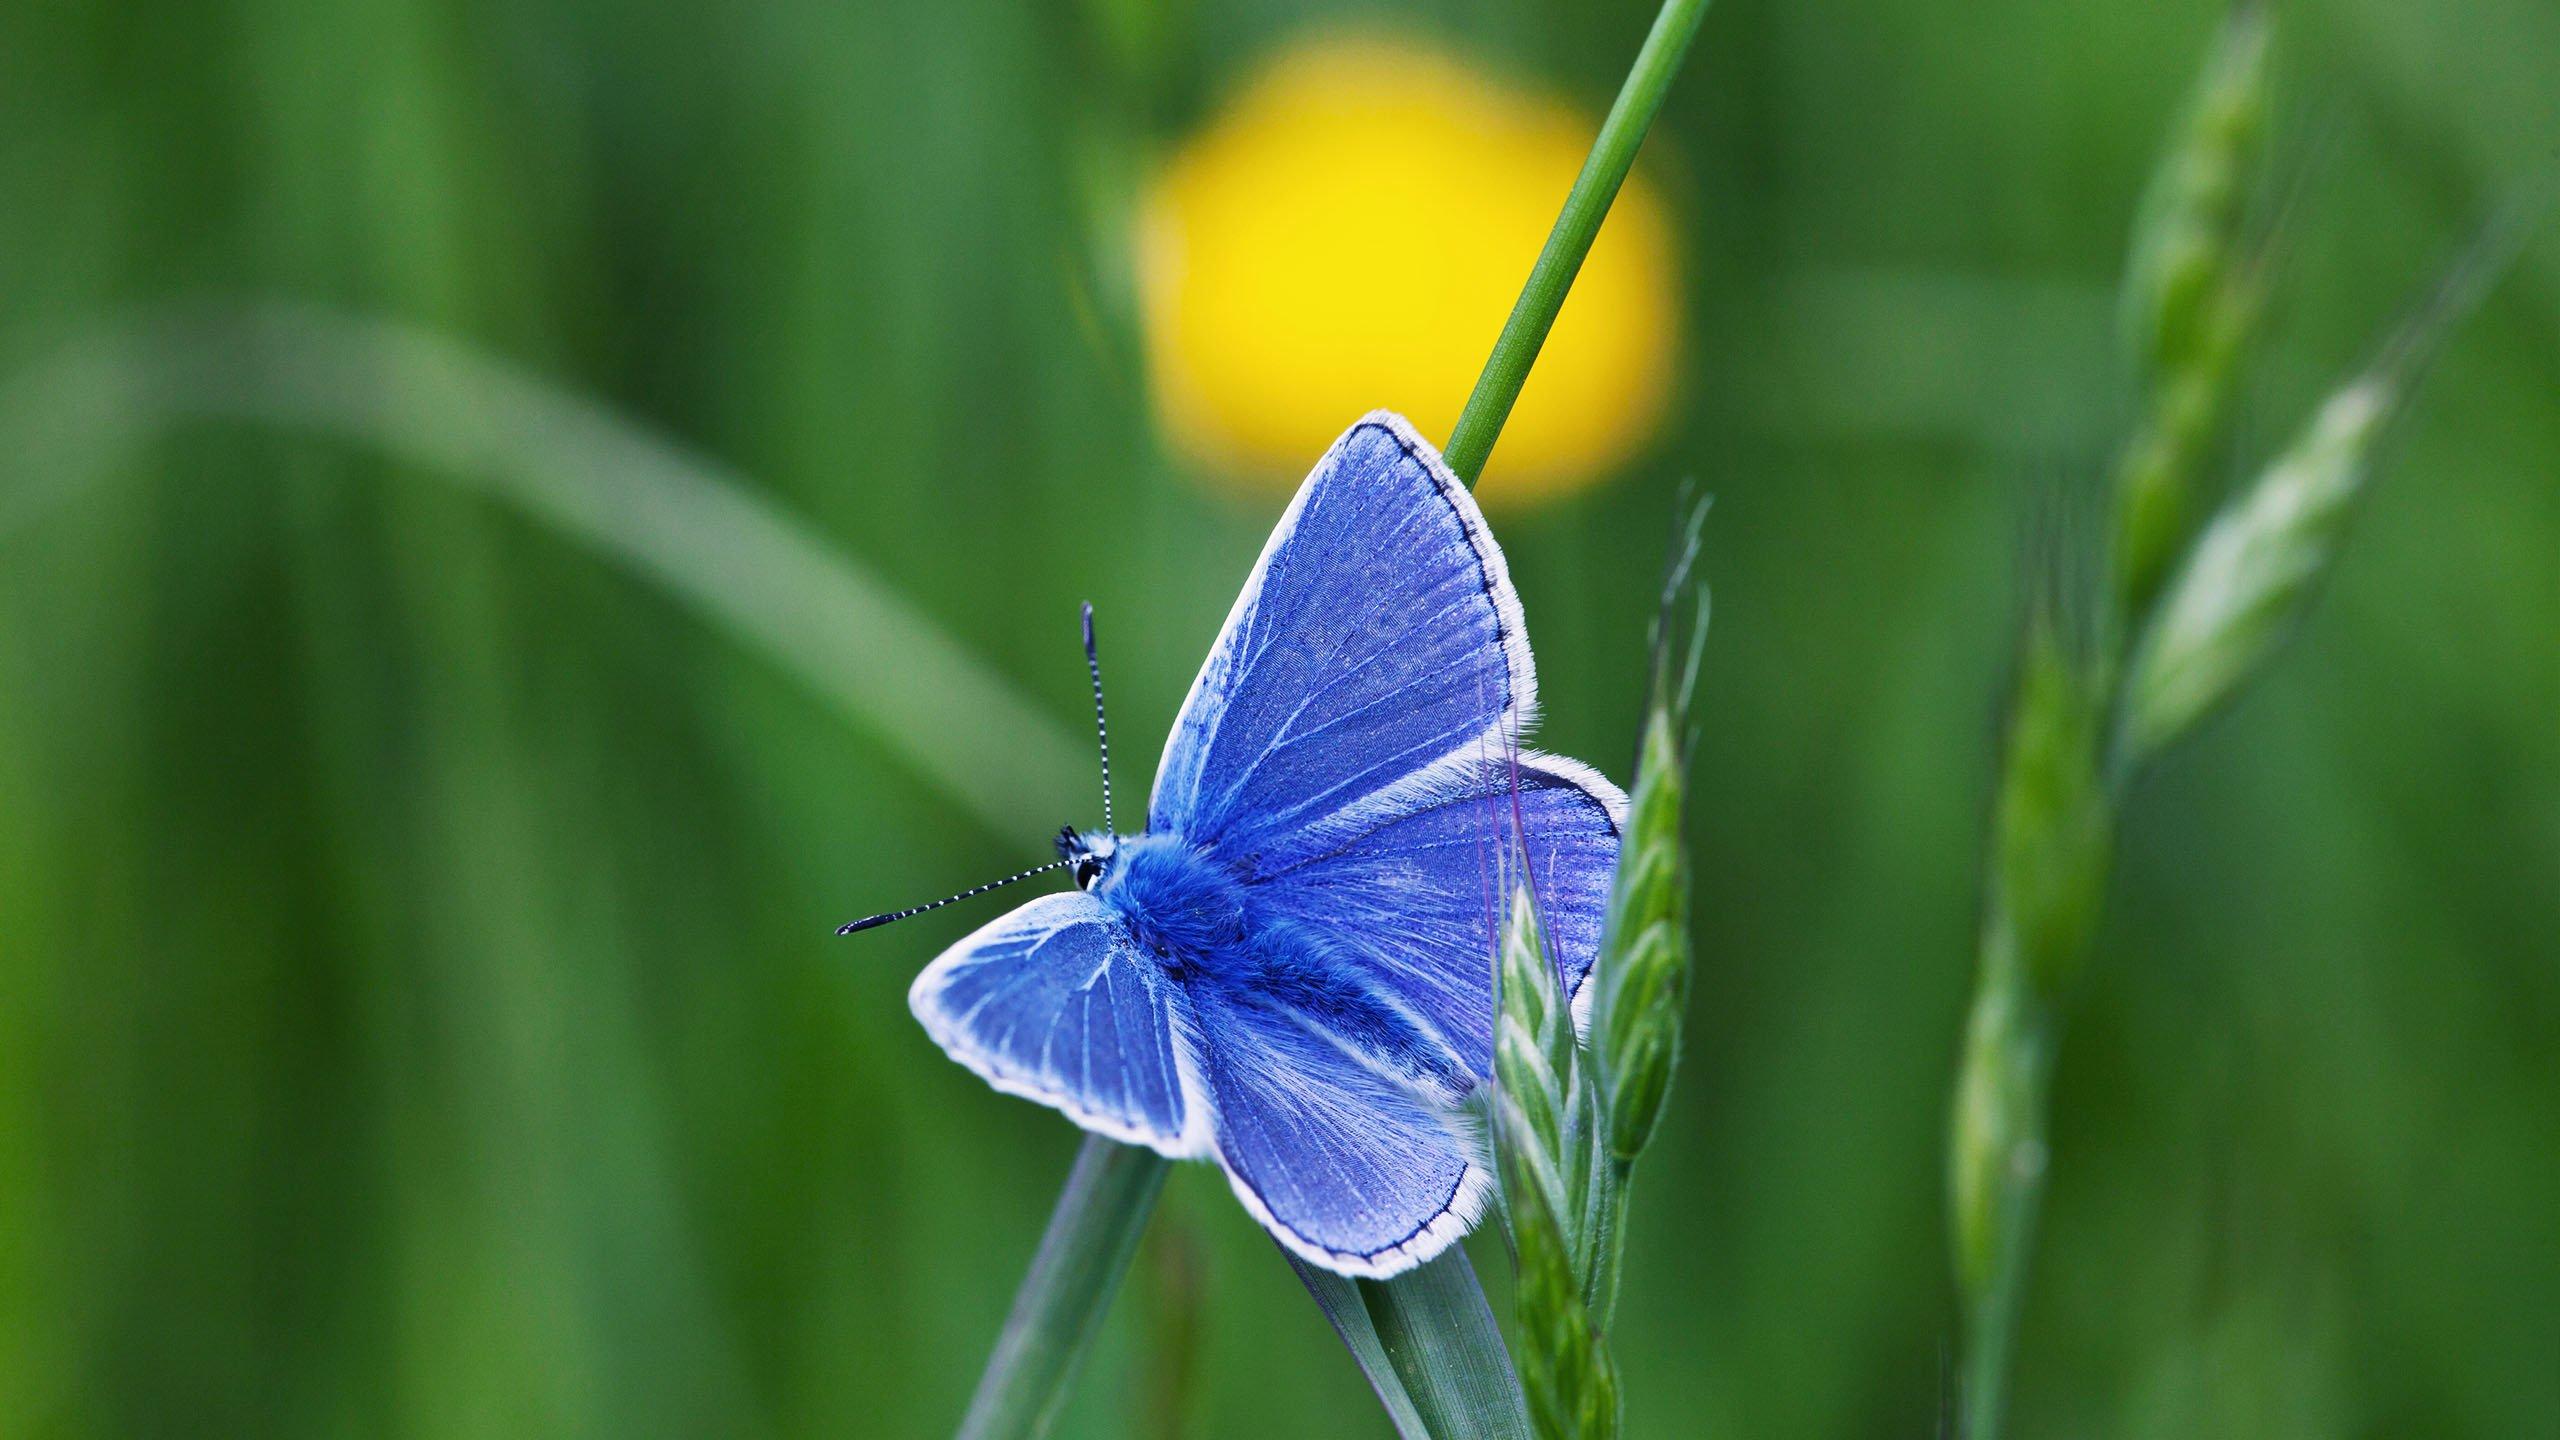 Puktörneblåvinge, blå fjäril på grässtrå.